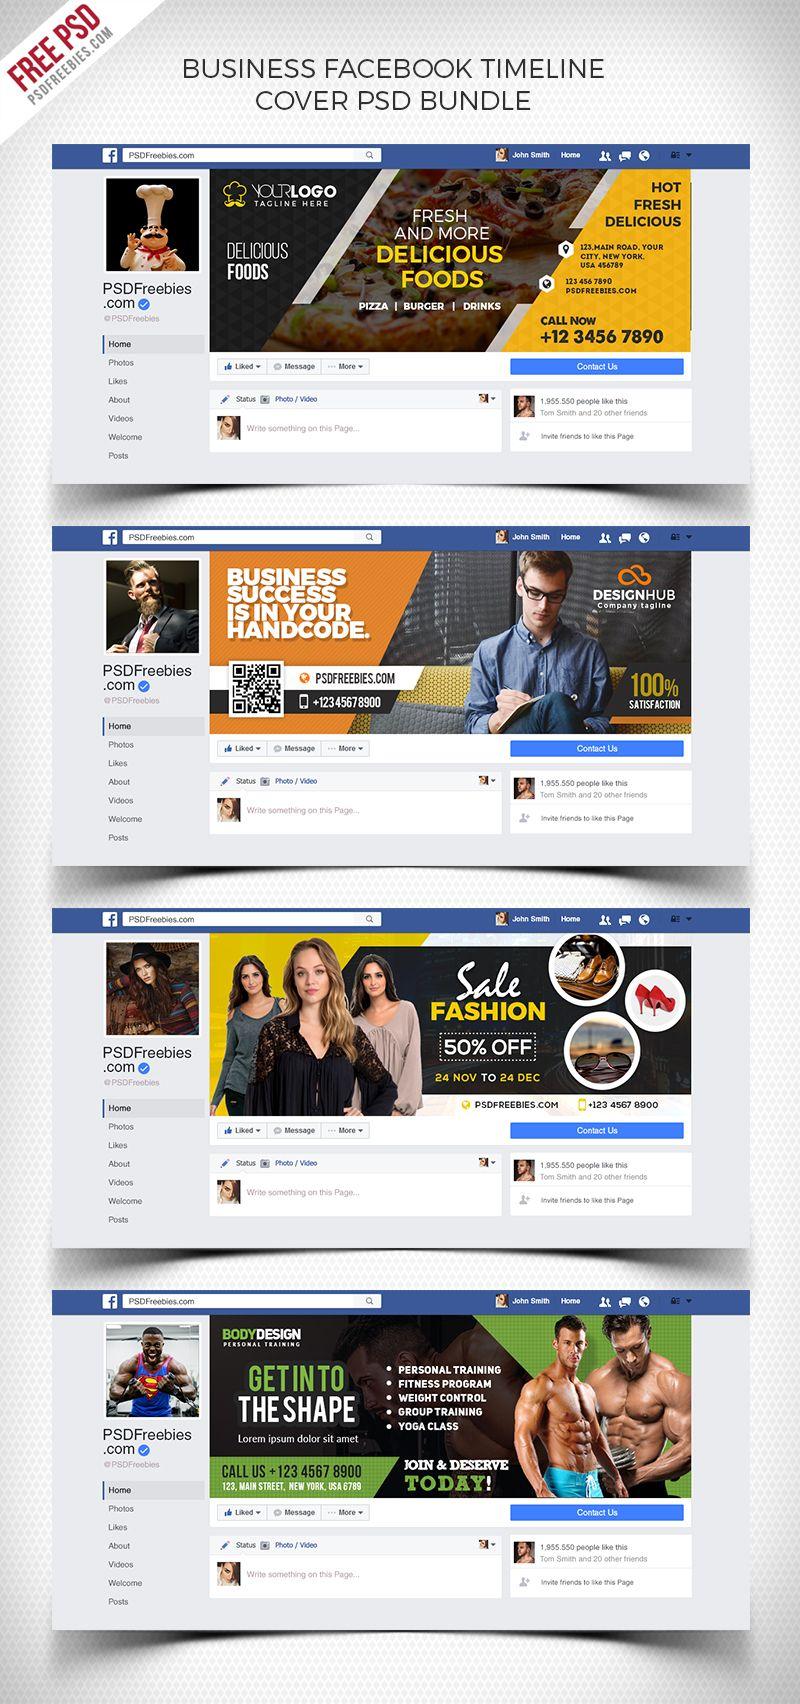 Business Facebook Timeline Cover Psd Bundle Facebook Cover